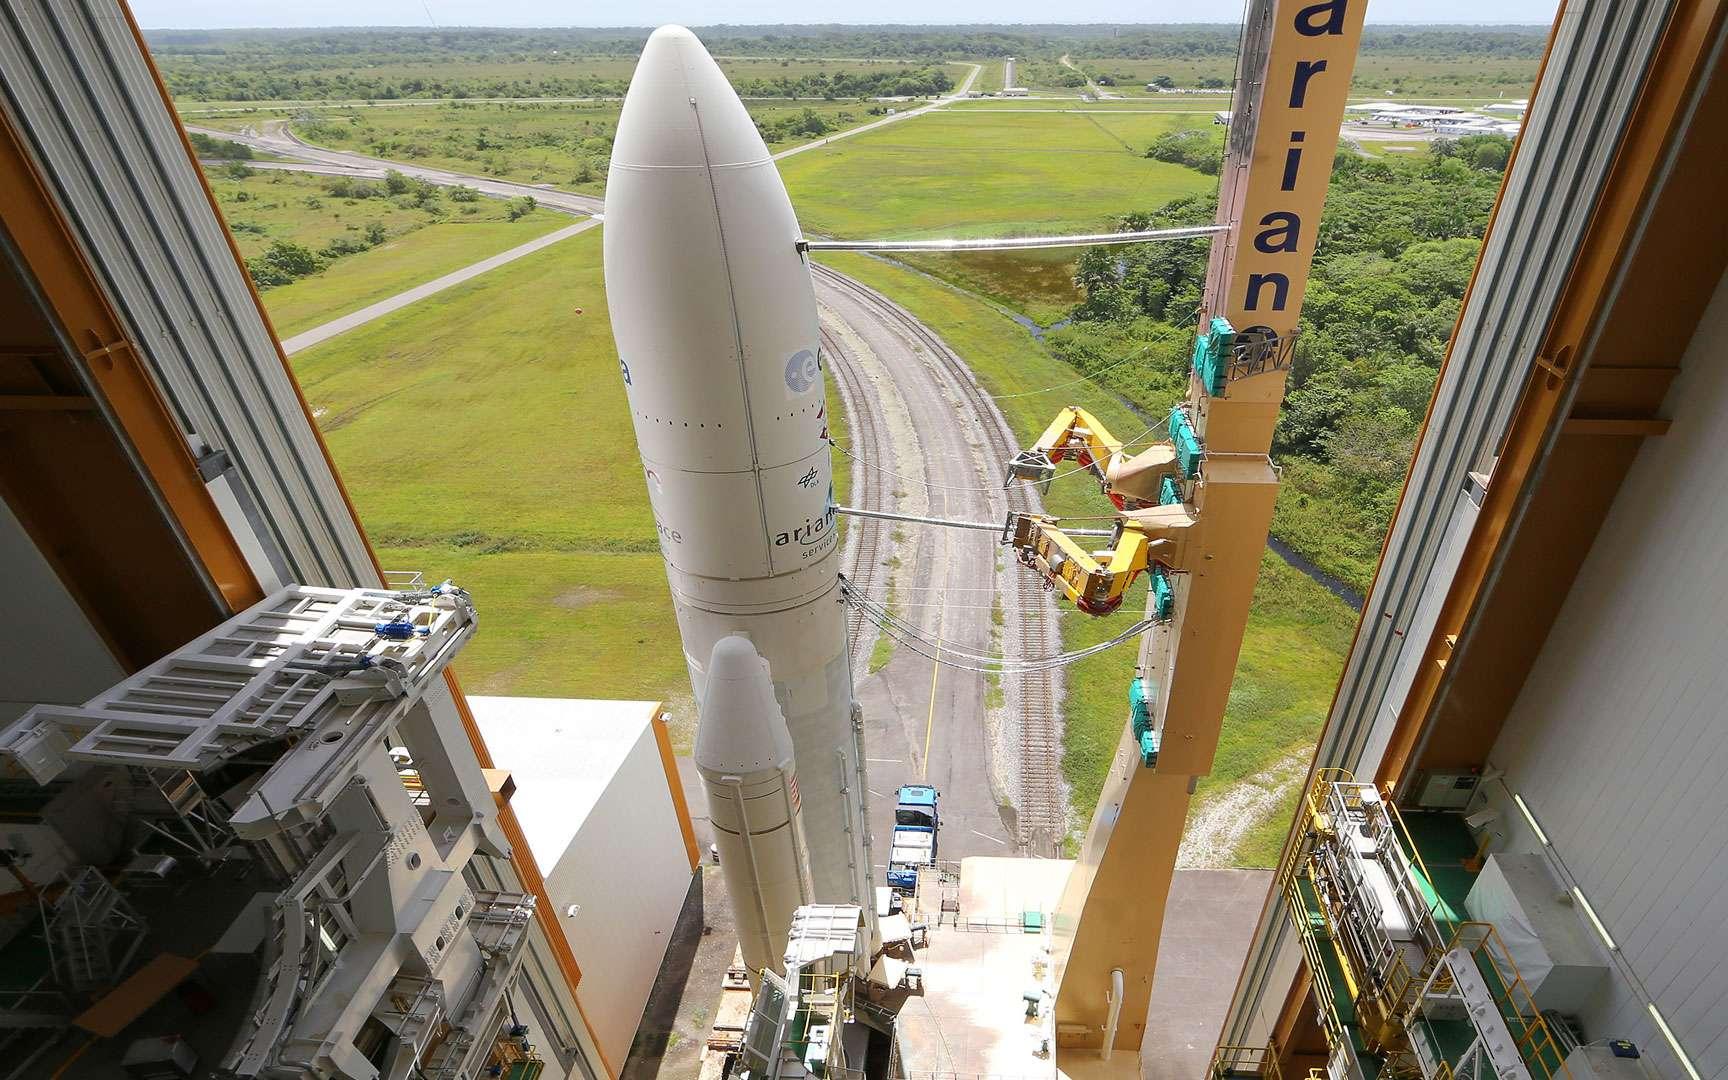 Ariane 1, premier vol. Premier lancement d'une Ariane (Ariane 1) le 24 décembre 1979. Ce premier vol a permis de lancer une charge utile de 1600 kg, contre 10 tonnes aujourd'hui par Ariane 5. Crédtis Cnes / Esa / Arianespace / CSG Service Optique